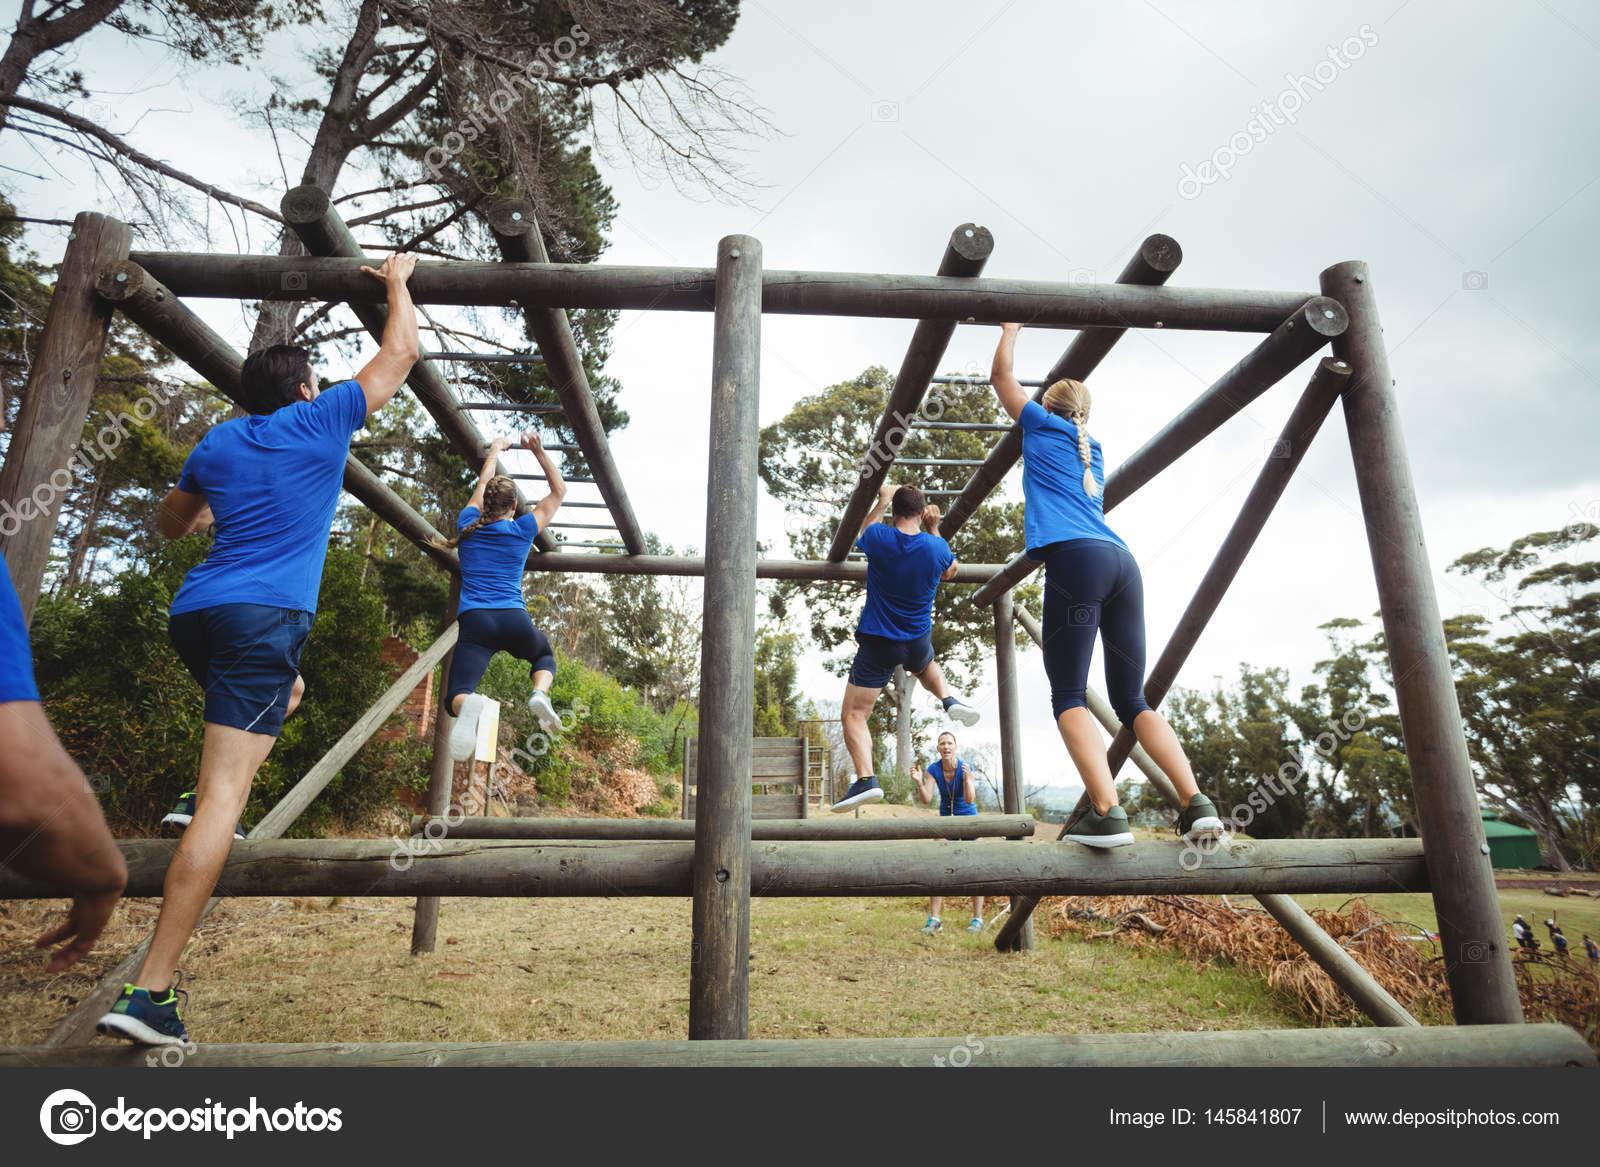 Klettergerüst Monkey Bar Gebraucht : Passen sie menschen klettern klettergerüst im bootcamp u stockfoto